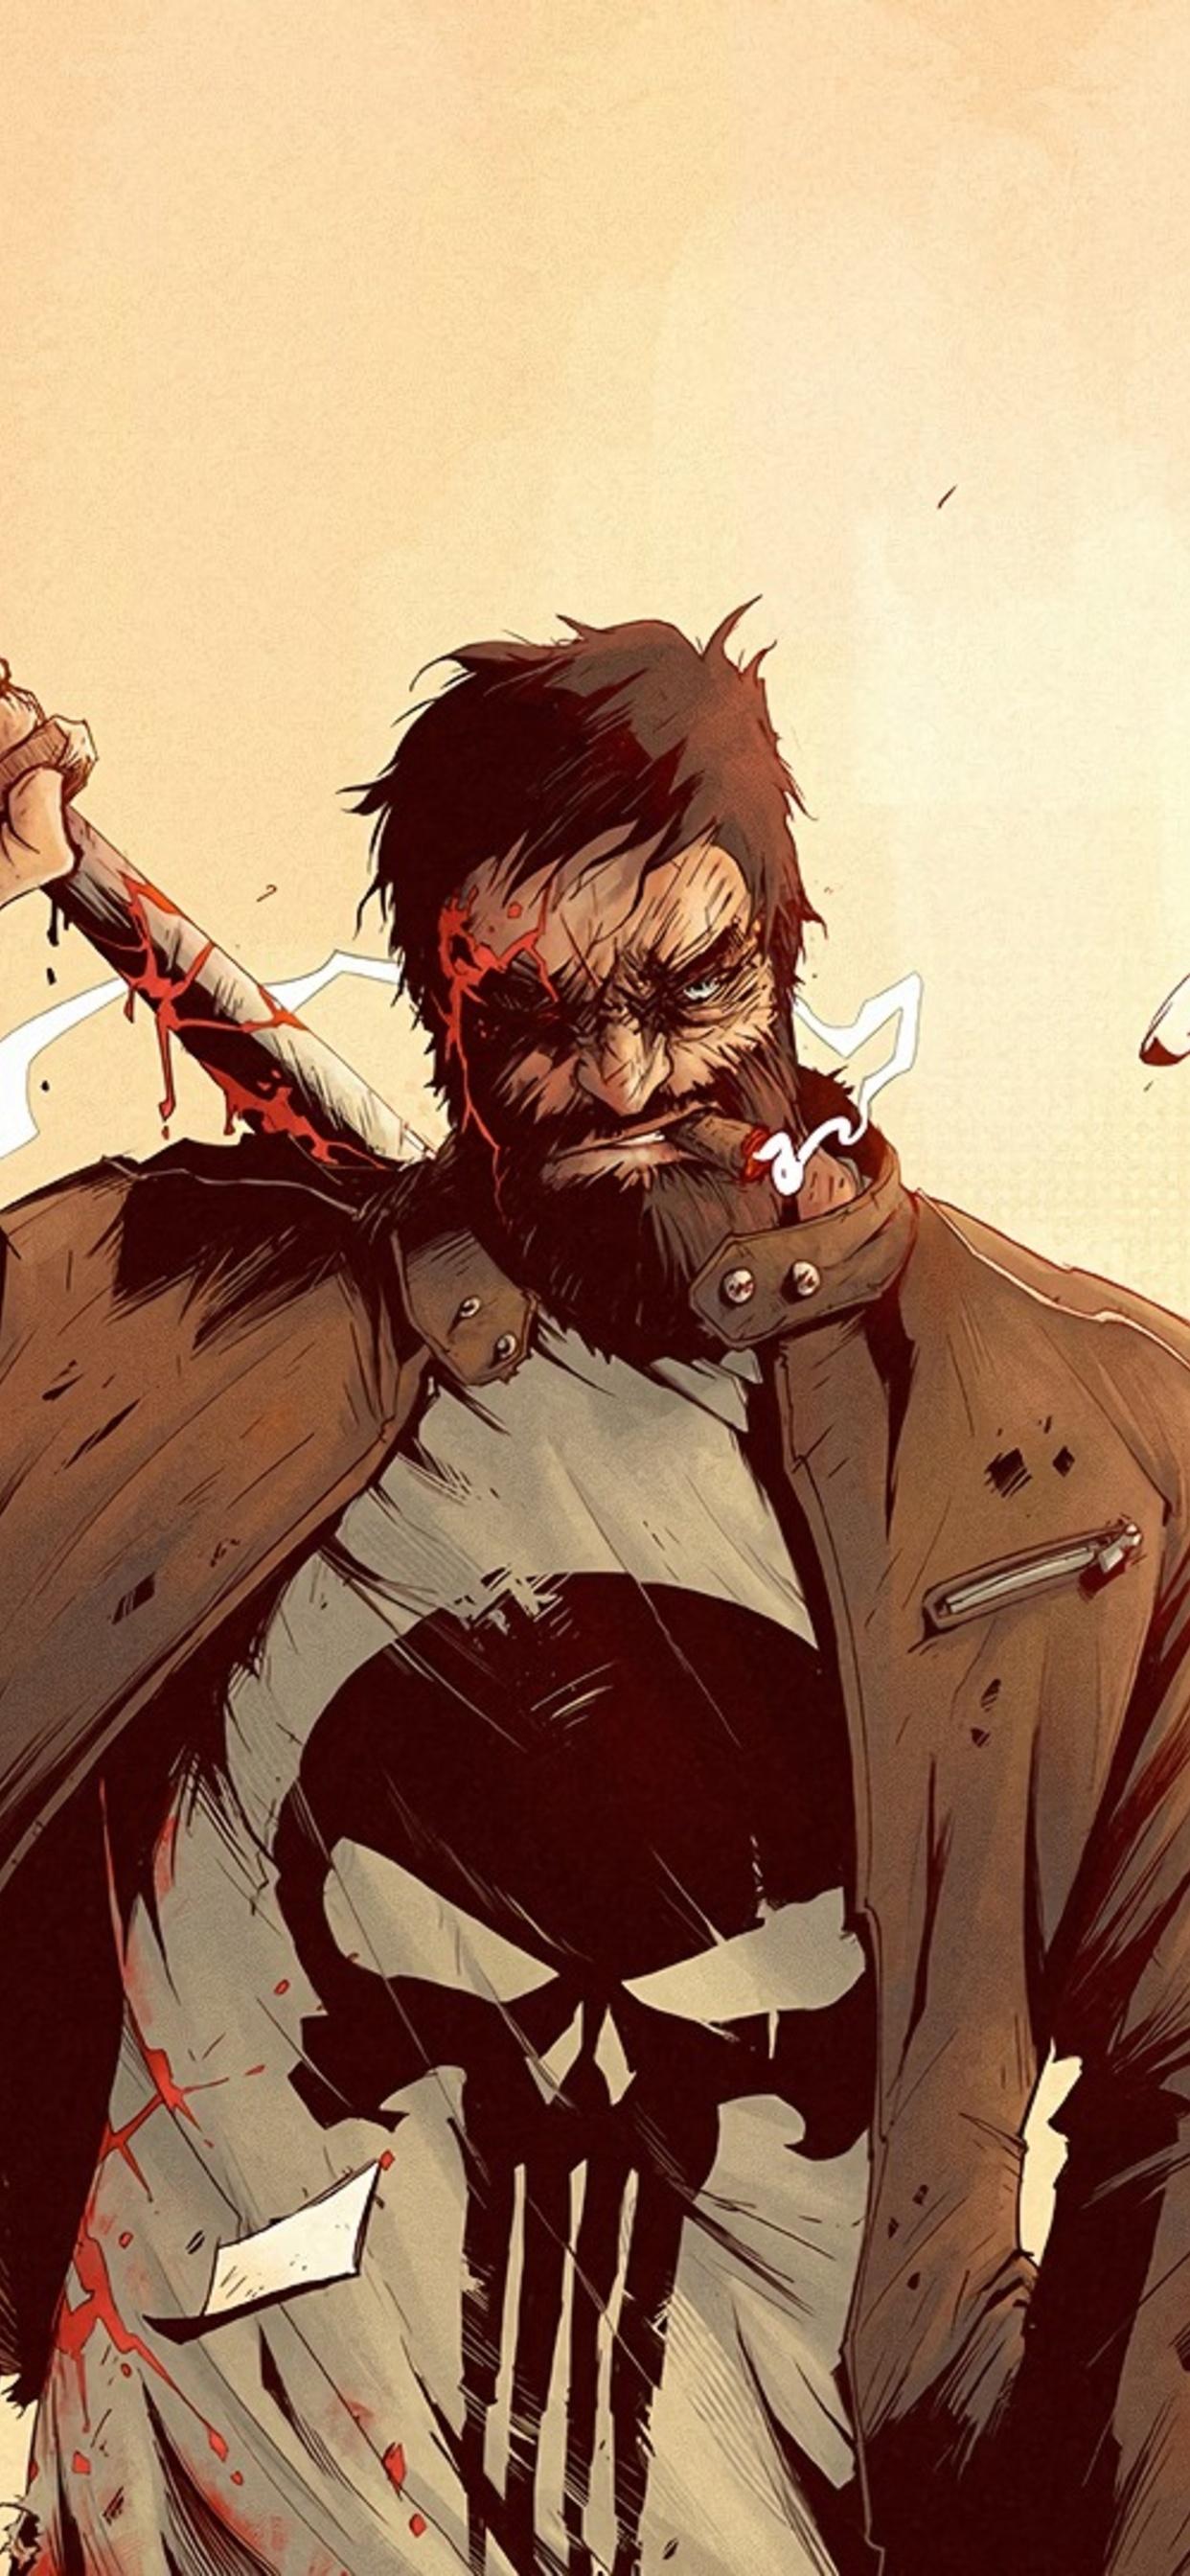 the-punisher-marvel-comics-artwork-8e.jpg